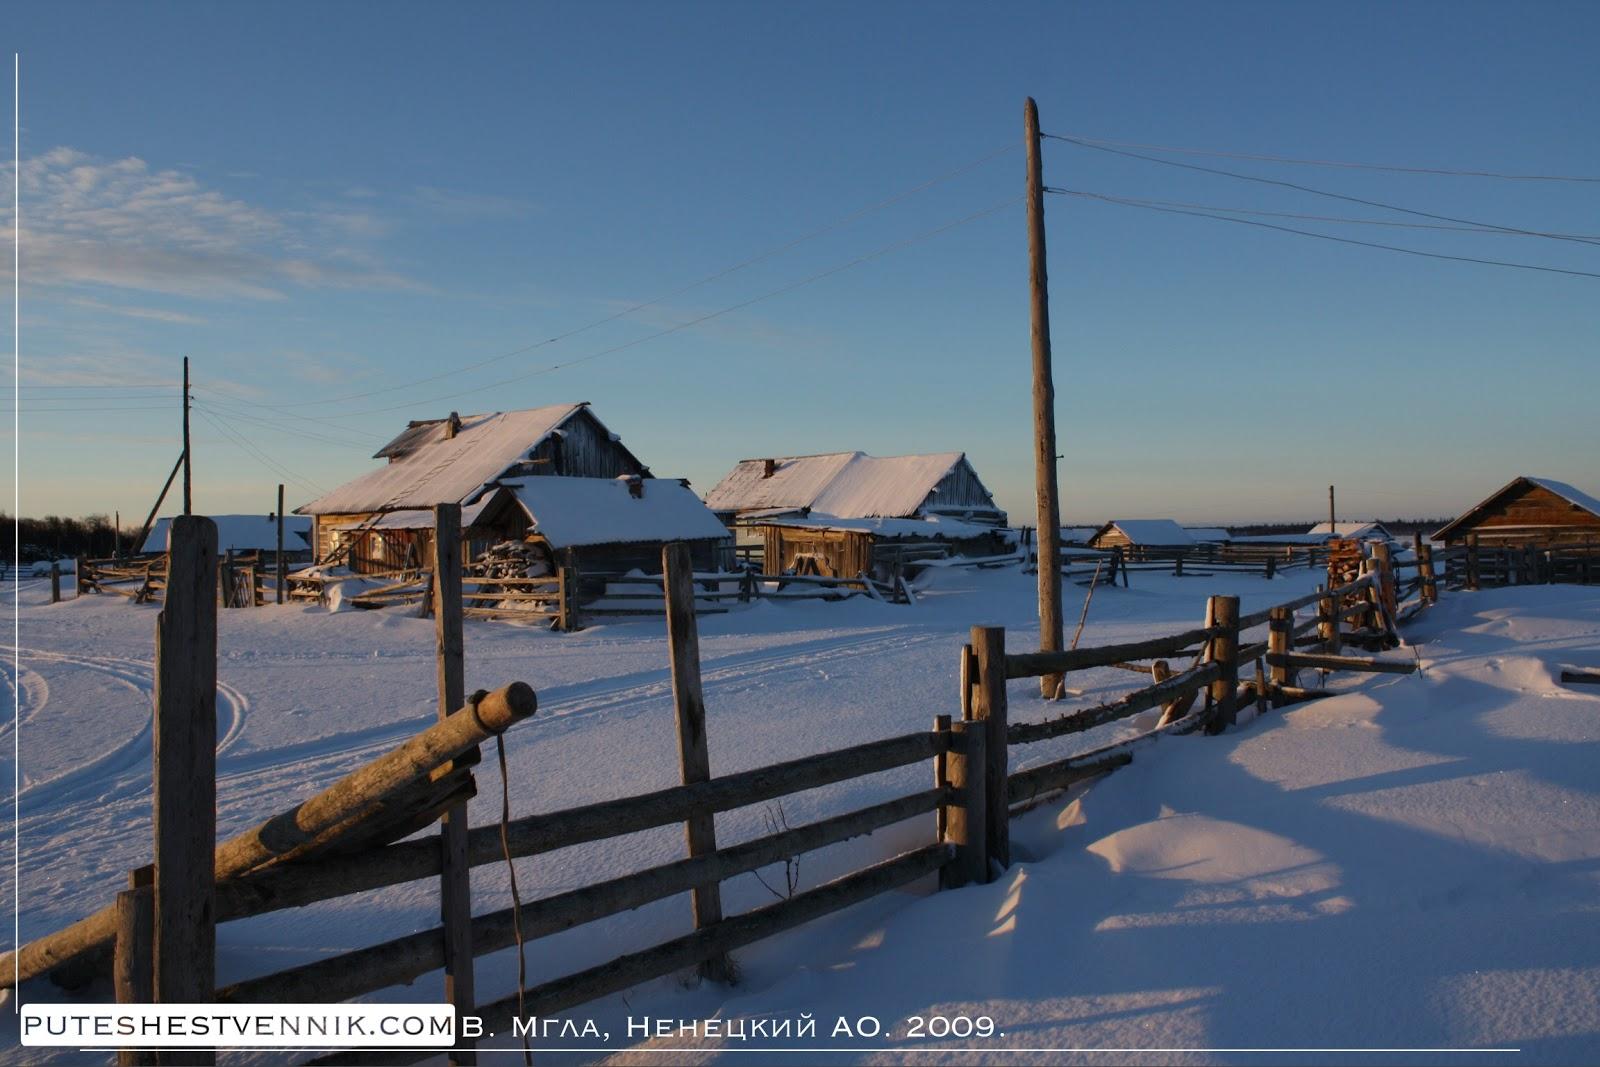 Избы и деревянная ограда в русской деревне